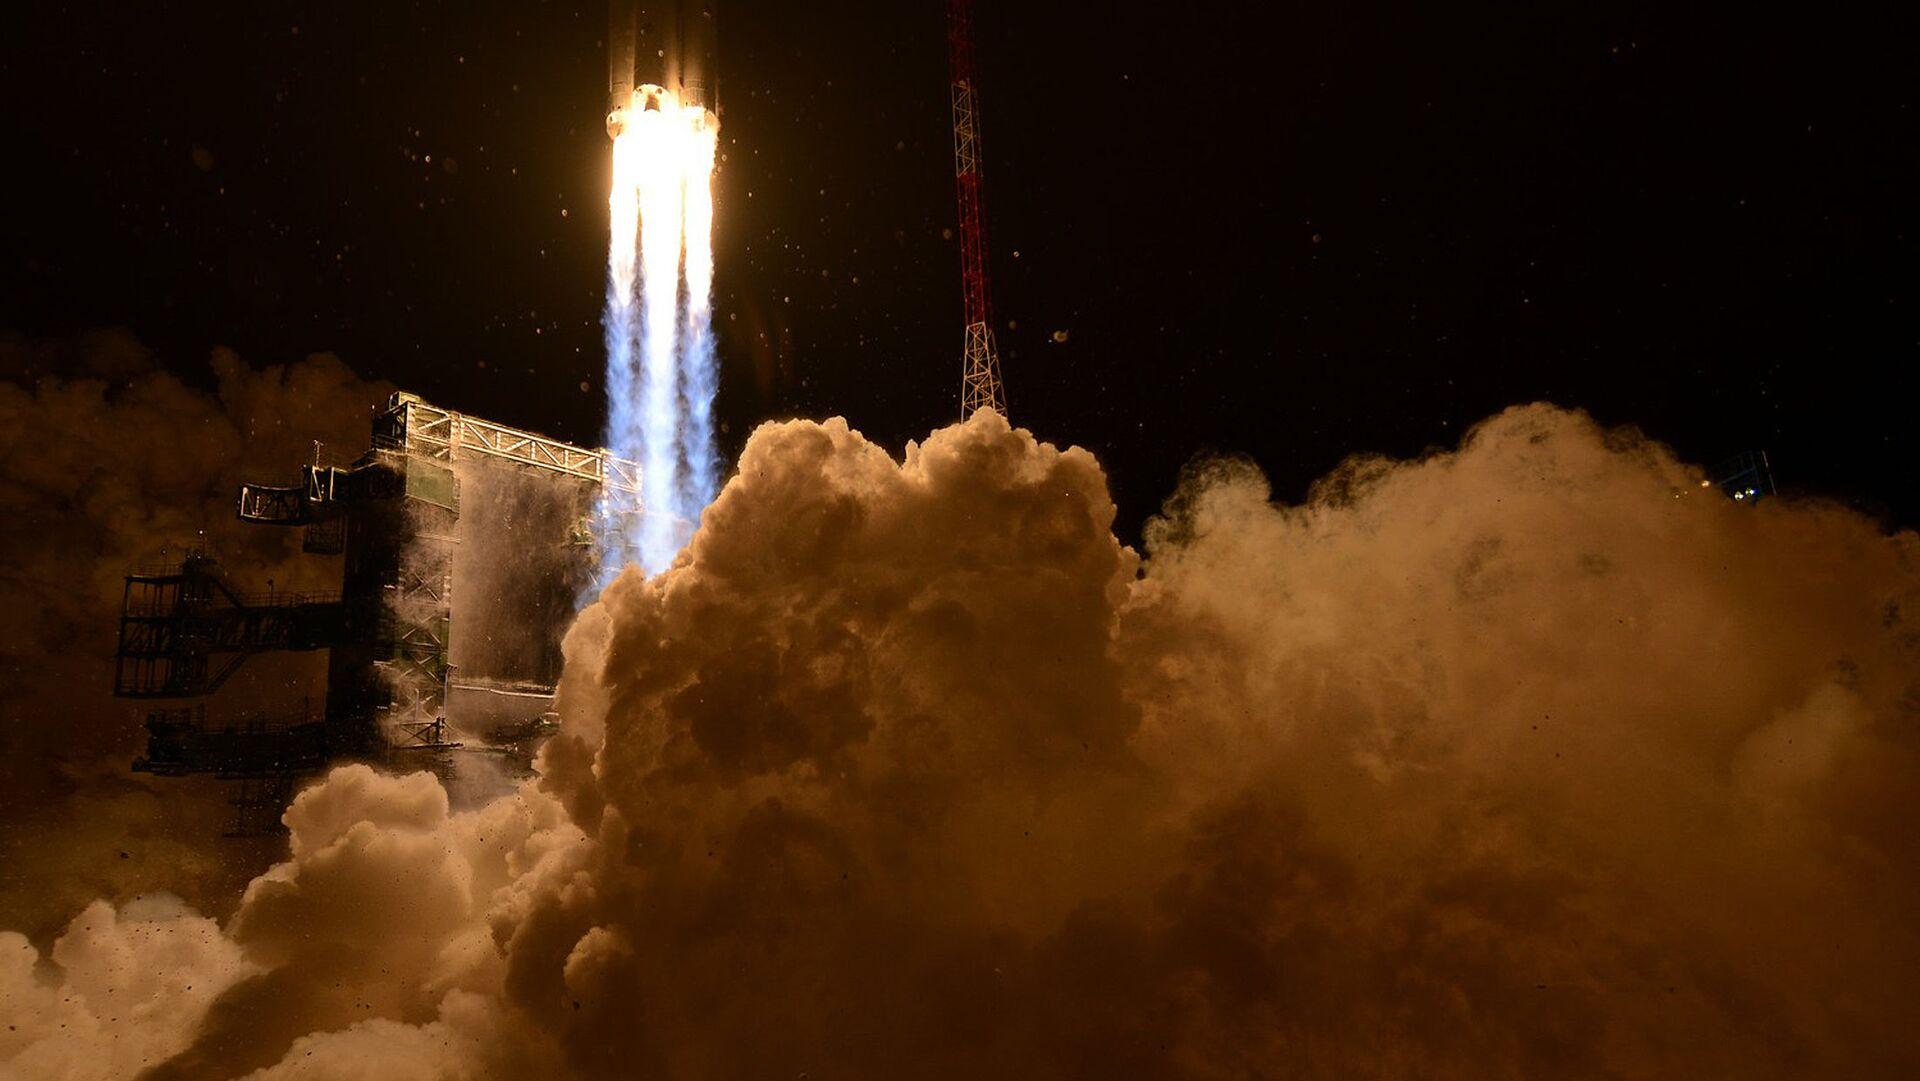 Lanzamiento de un cohete - Sputnik Mundo, 1920, 18.02.2021